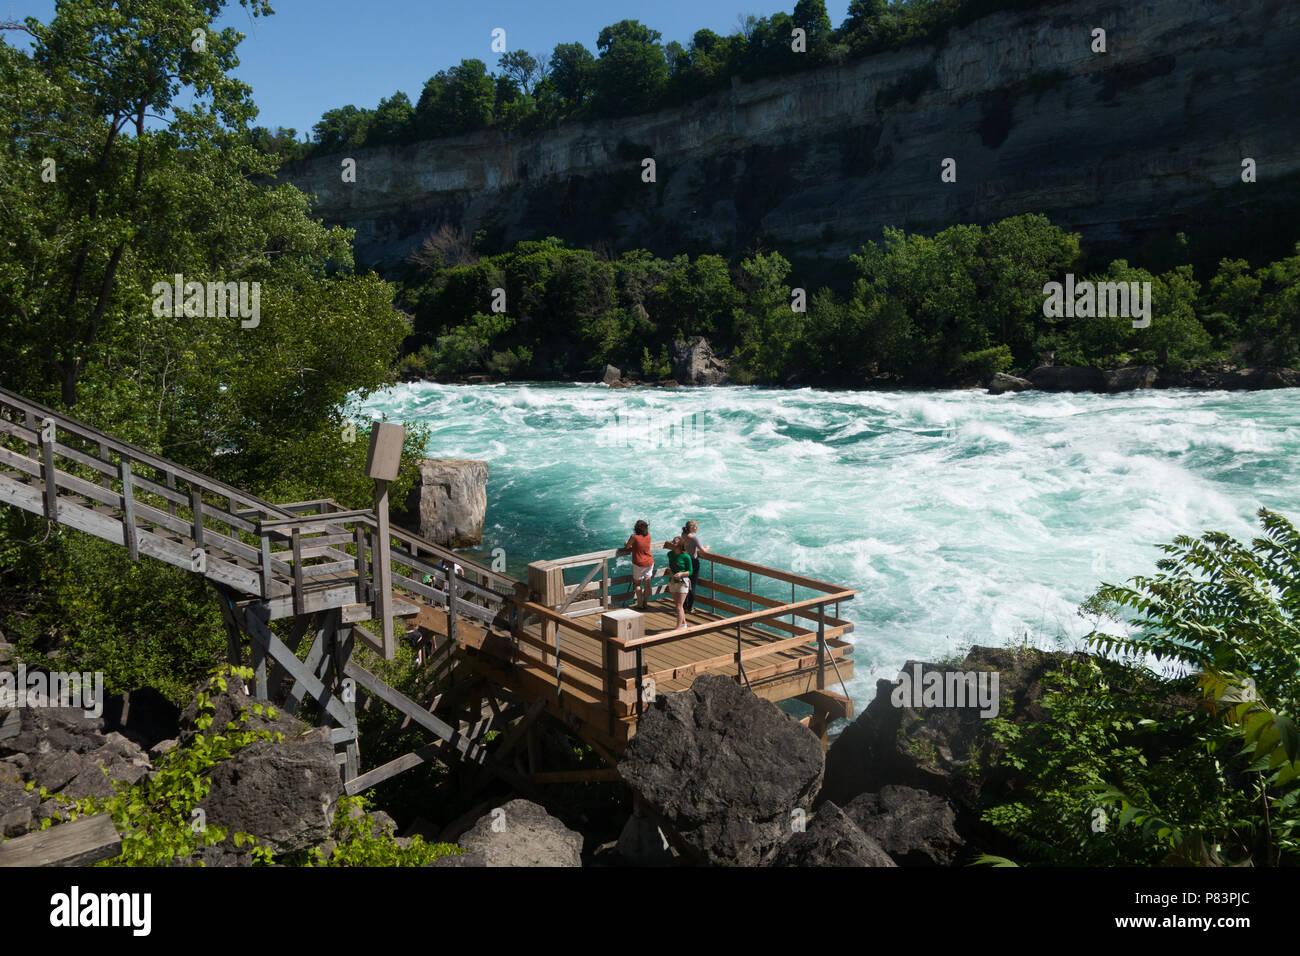 La clase 6 del Niagara River rápidos de agua blanca como se ve desde el Agua Blanca Paseo atractivo en las Cataratas del Niágara en las Cataratas del Niágara, Ontario, Canadá Foto de stock